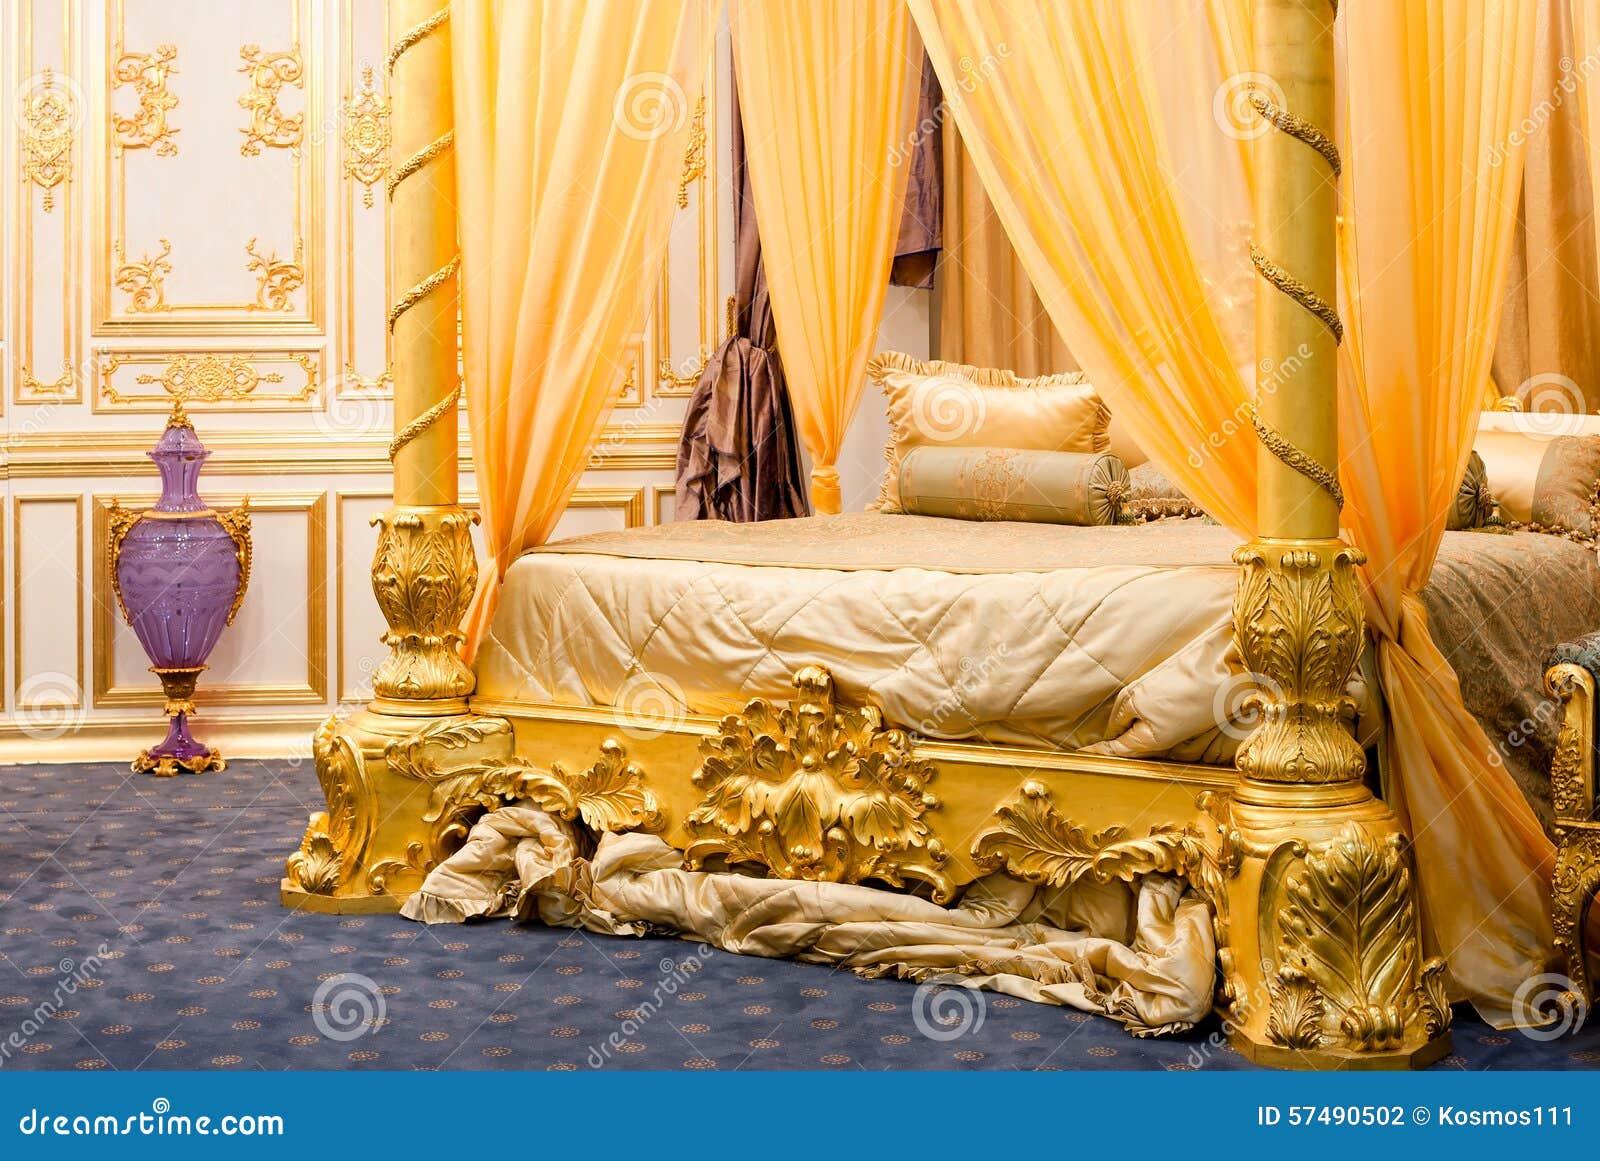 Hemelbed In Slaapkamer : Nieuwe collectie op maat gemaakt hemelbed slaapkamer